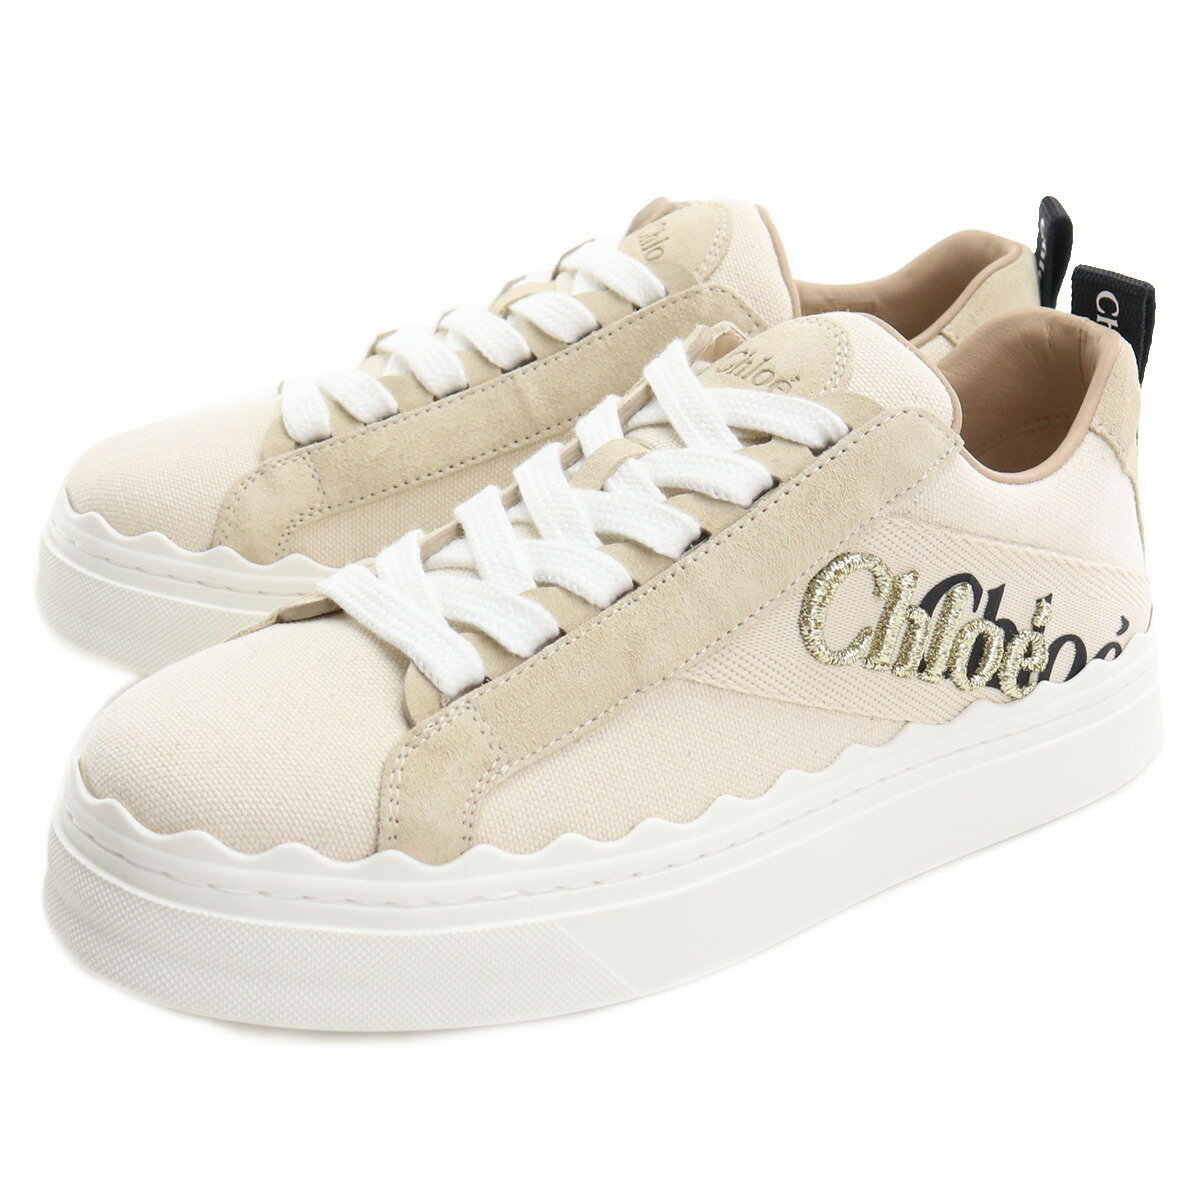 クロエ CHLOE  レディーススニーカー ブランドロゴ CHC21U108Q7 101 WHITE ベージュ系 shoes01